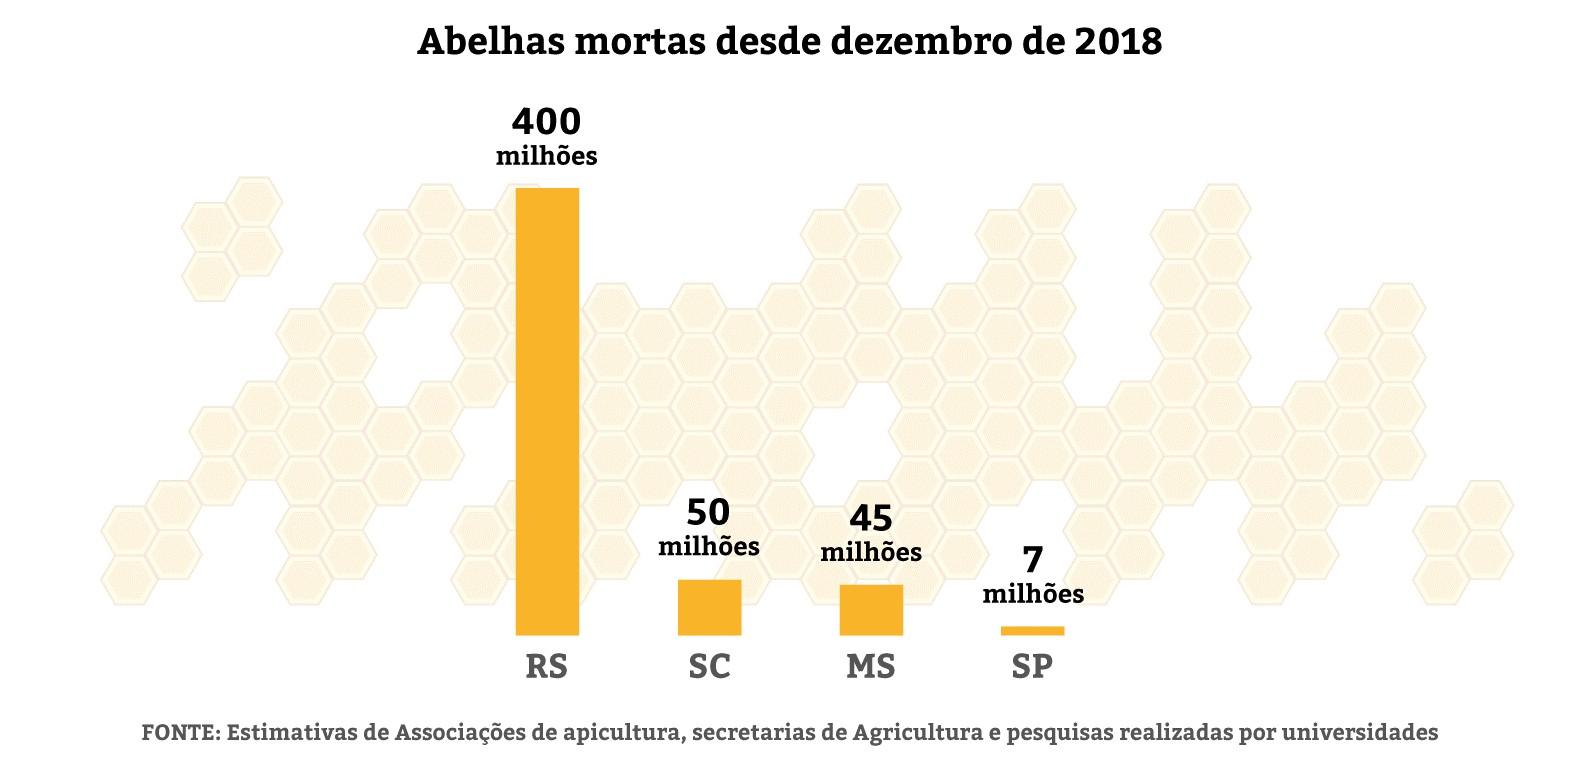 Número de abelhas mortas por estado (Foto: Agência Pública)